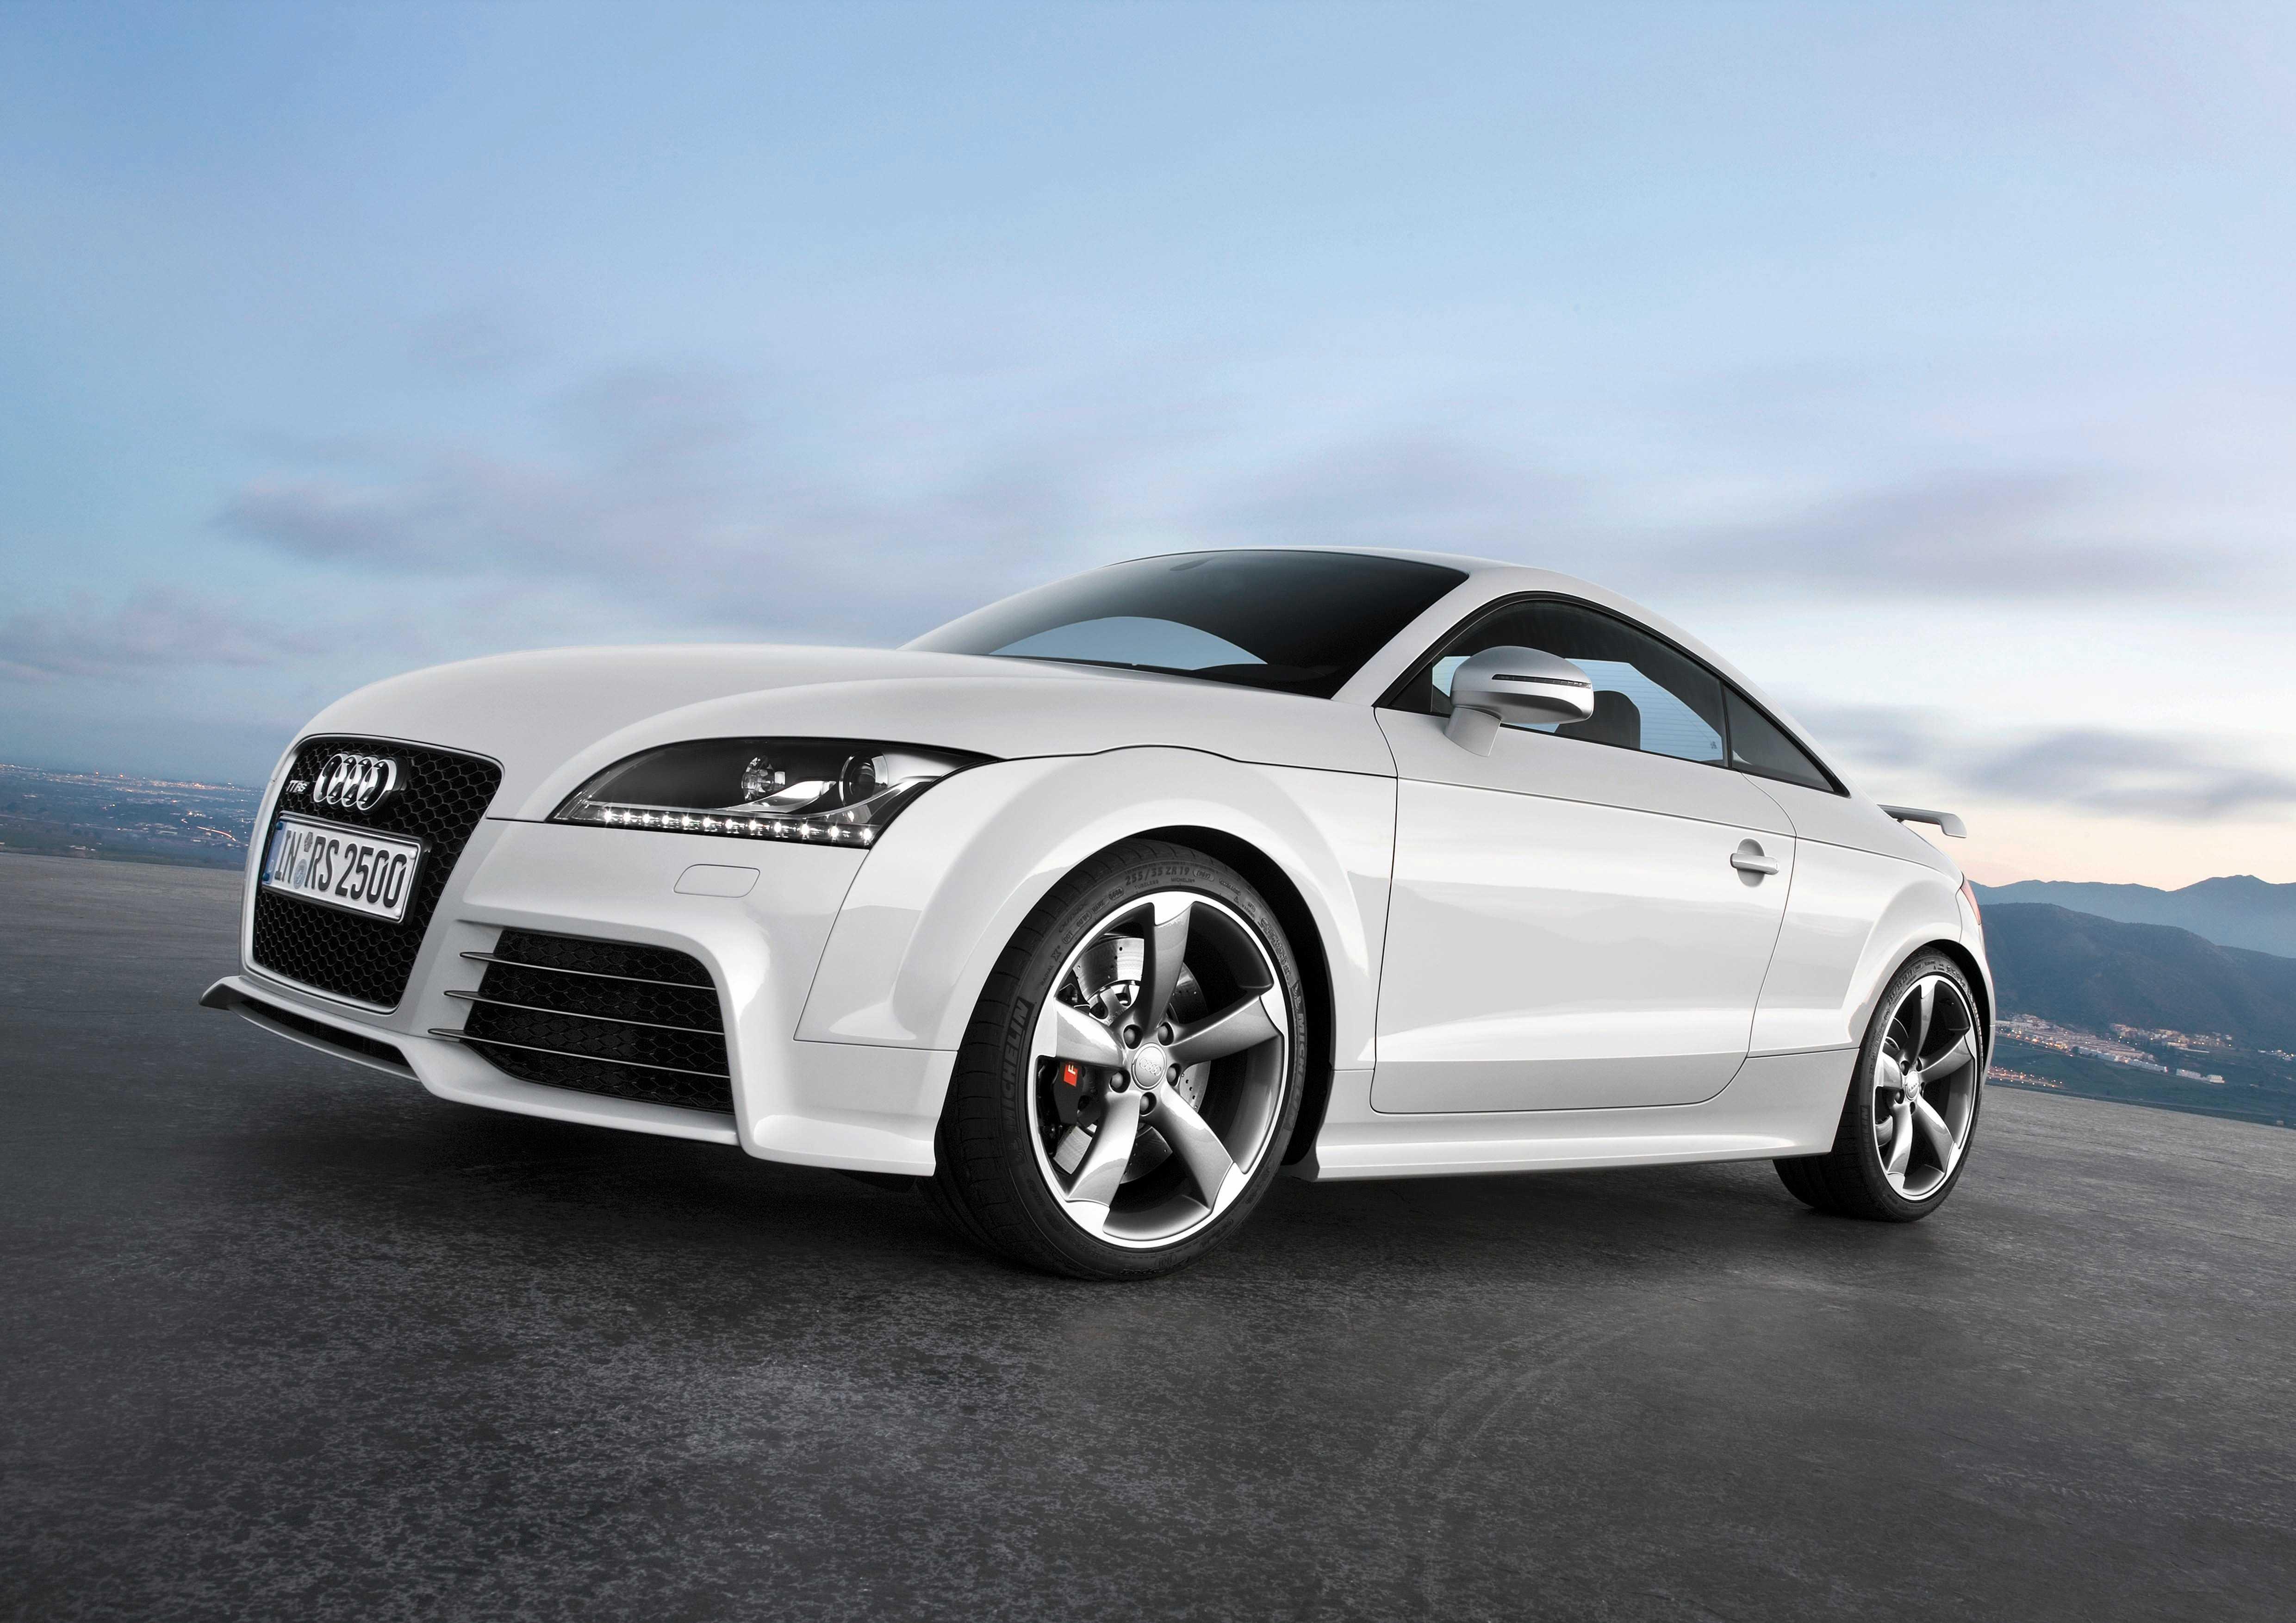 Audi tt тест-драйв, отзывы реальных владельцев